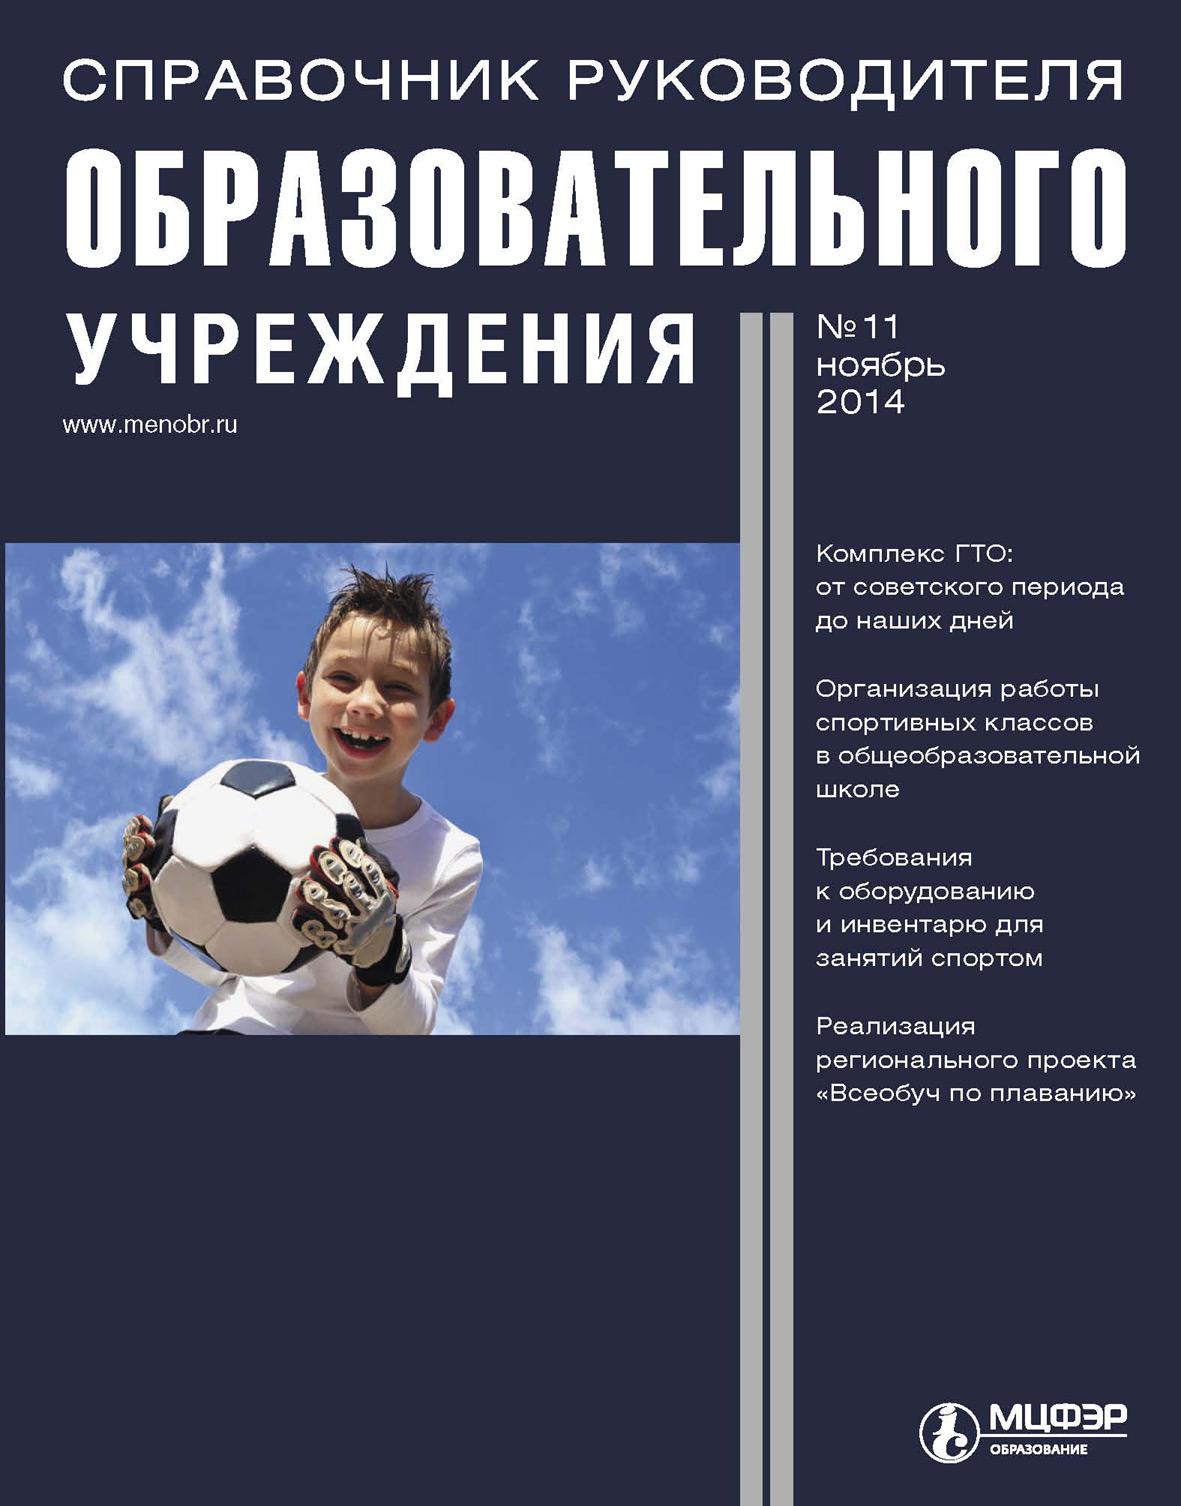 Отсутствует Справочник руководителя образовательного учреждения № 11 2014